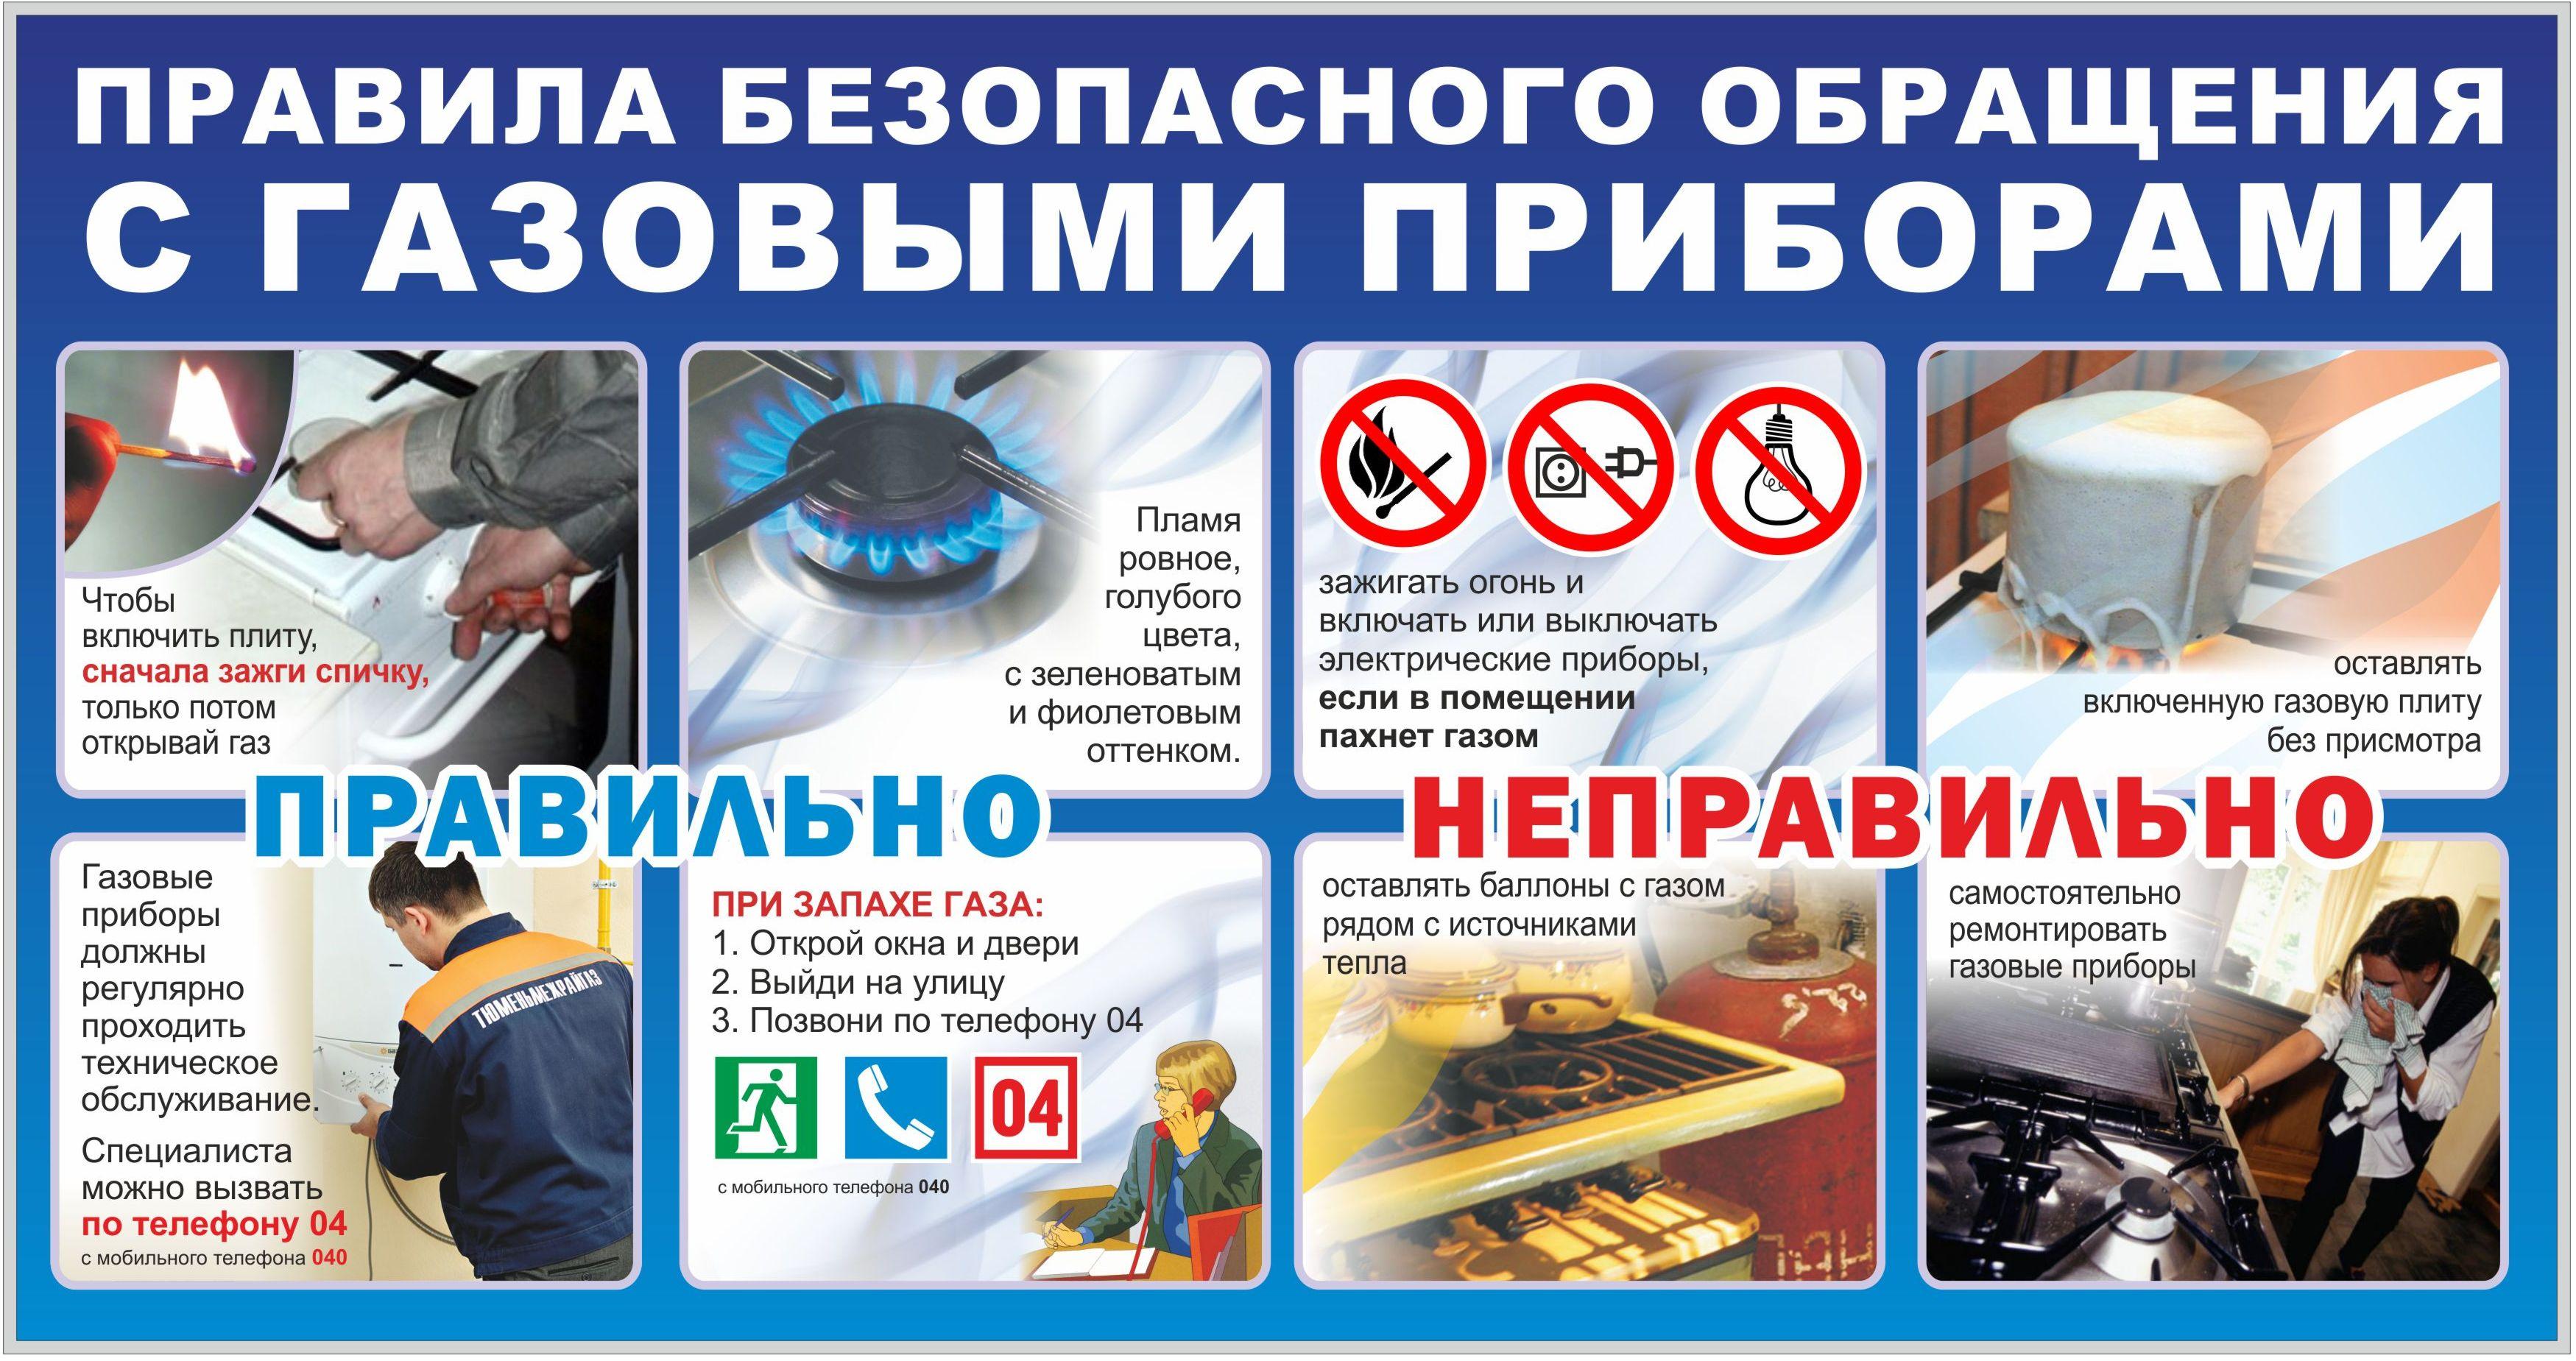 План мероприятий, обеспечивающих выполнение дополнительных мер безопасной эксплуатации внутридомового и внутриквартирного газового оборудования (вдго и вкго) | авторская платформа pandia.ru